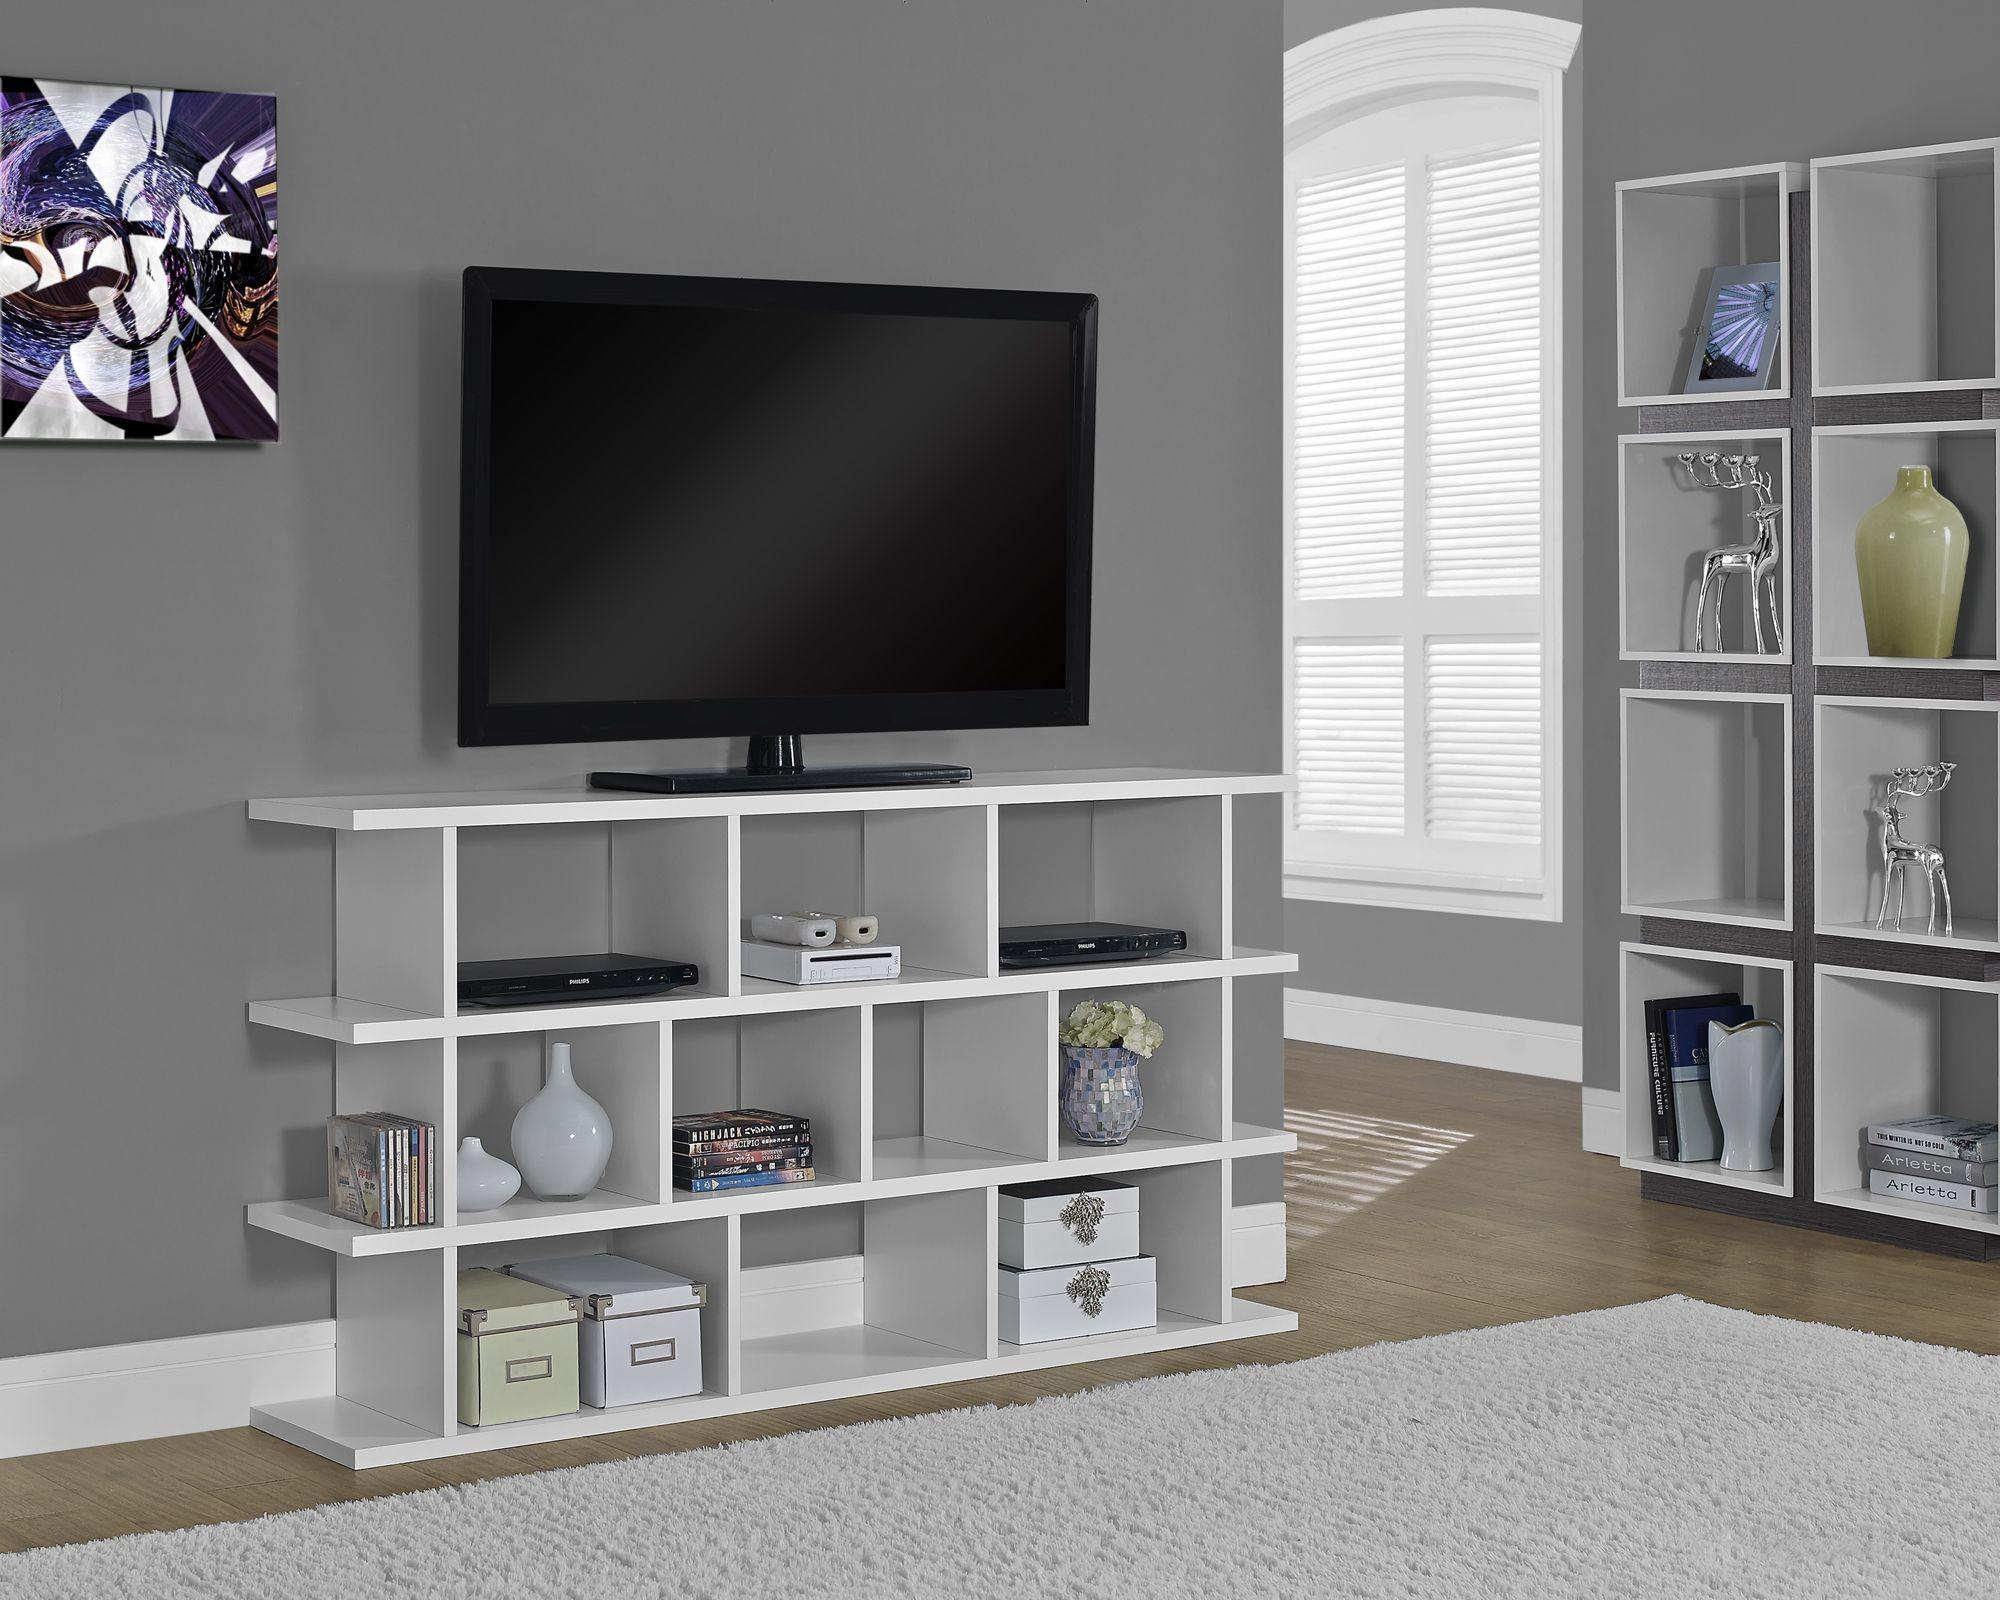 Etagere Television Plat - Etagere Television Plat Fenrez Com Sammlung Von Design [mjhdah]http://burrsunfinishedfurniture.com/5724-thickbox_default/-22-inch-allwood-etagere.jpg